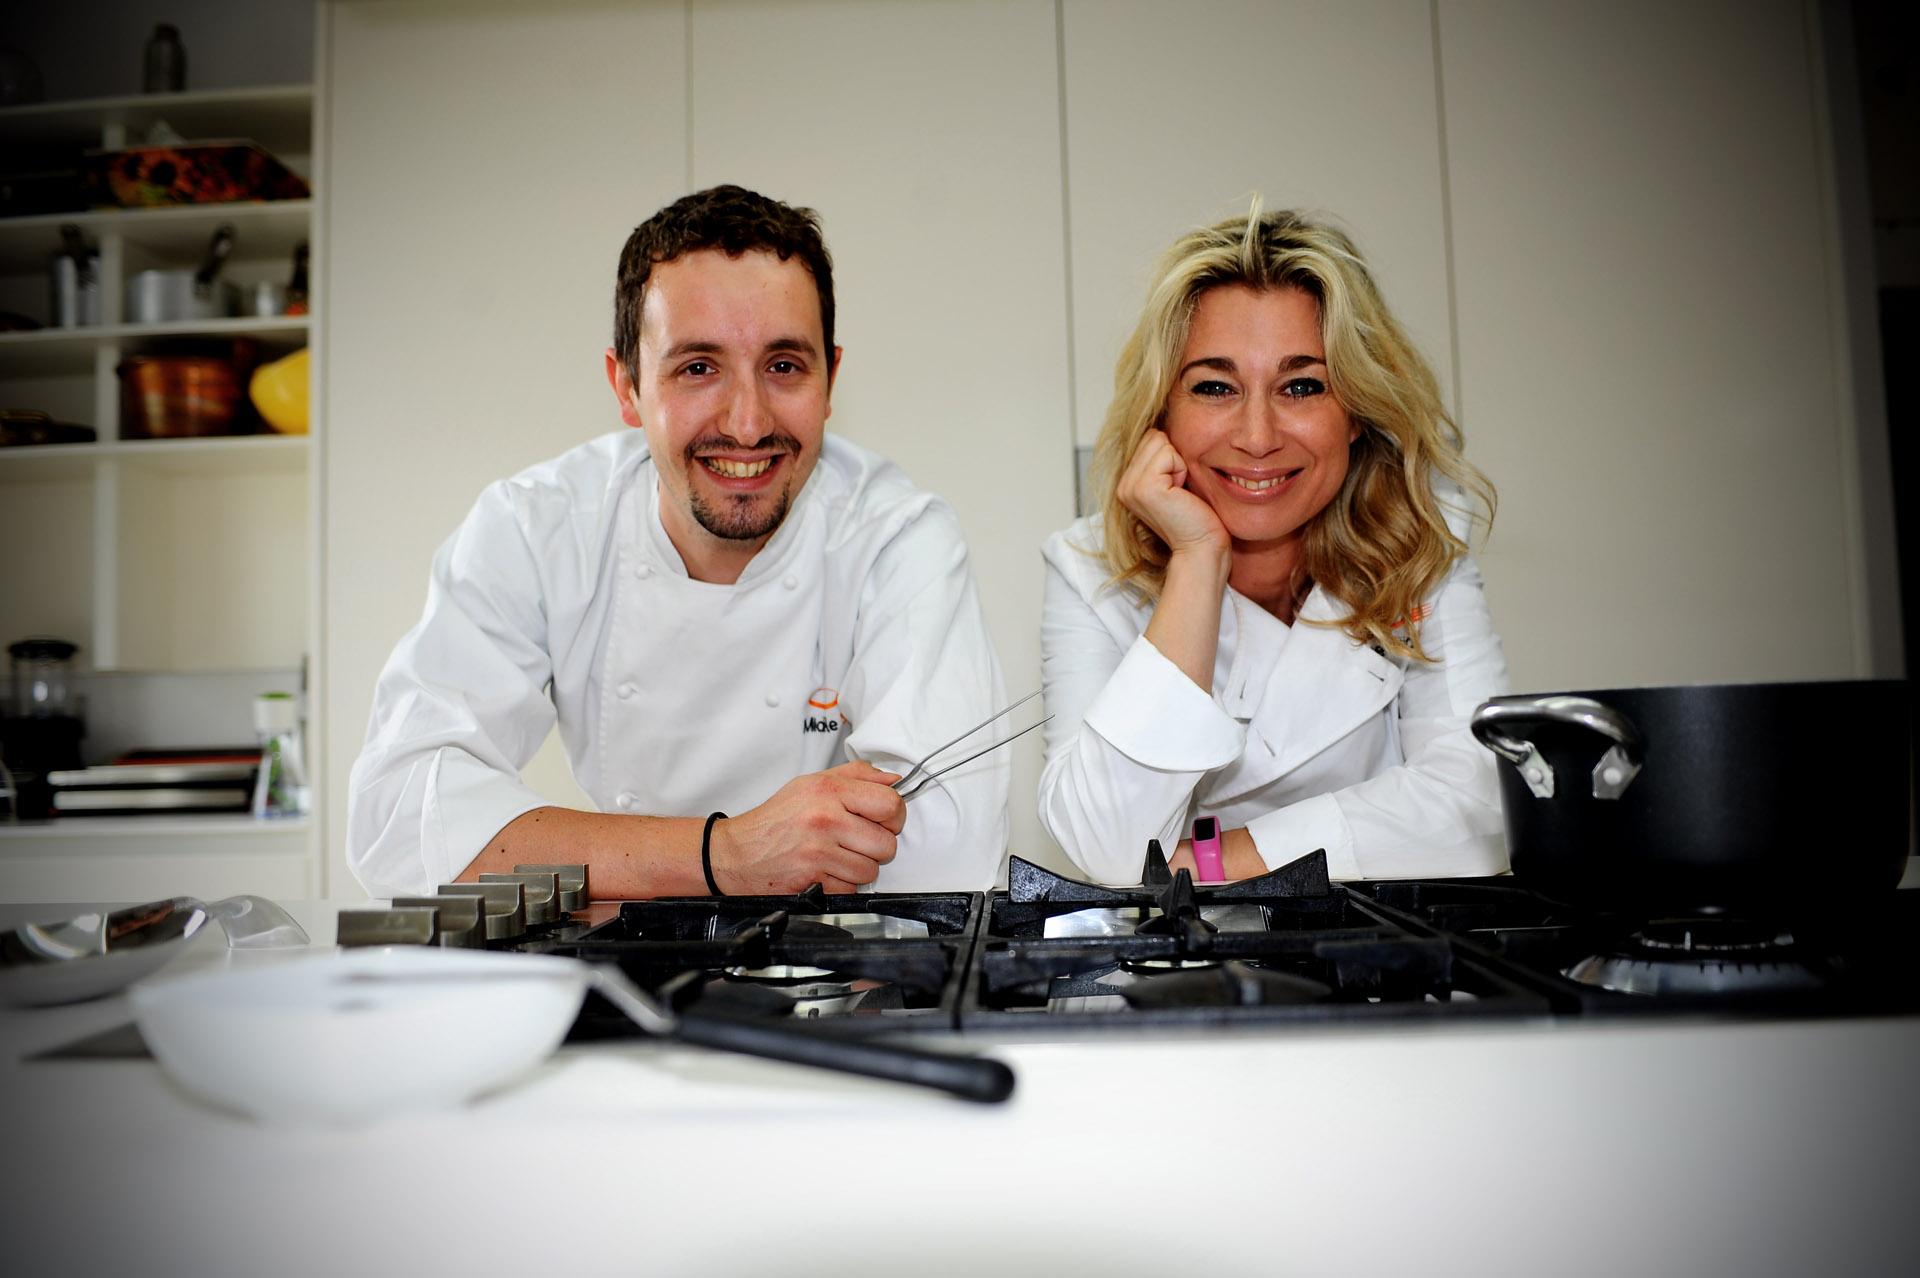 Chef Michele Sana